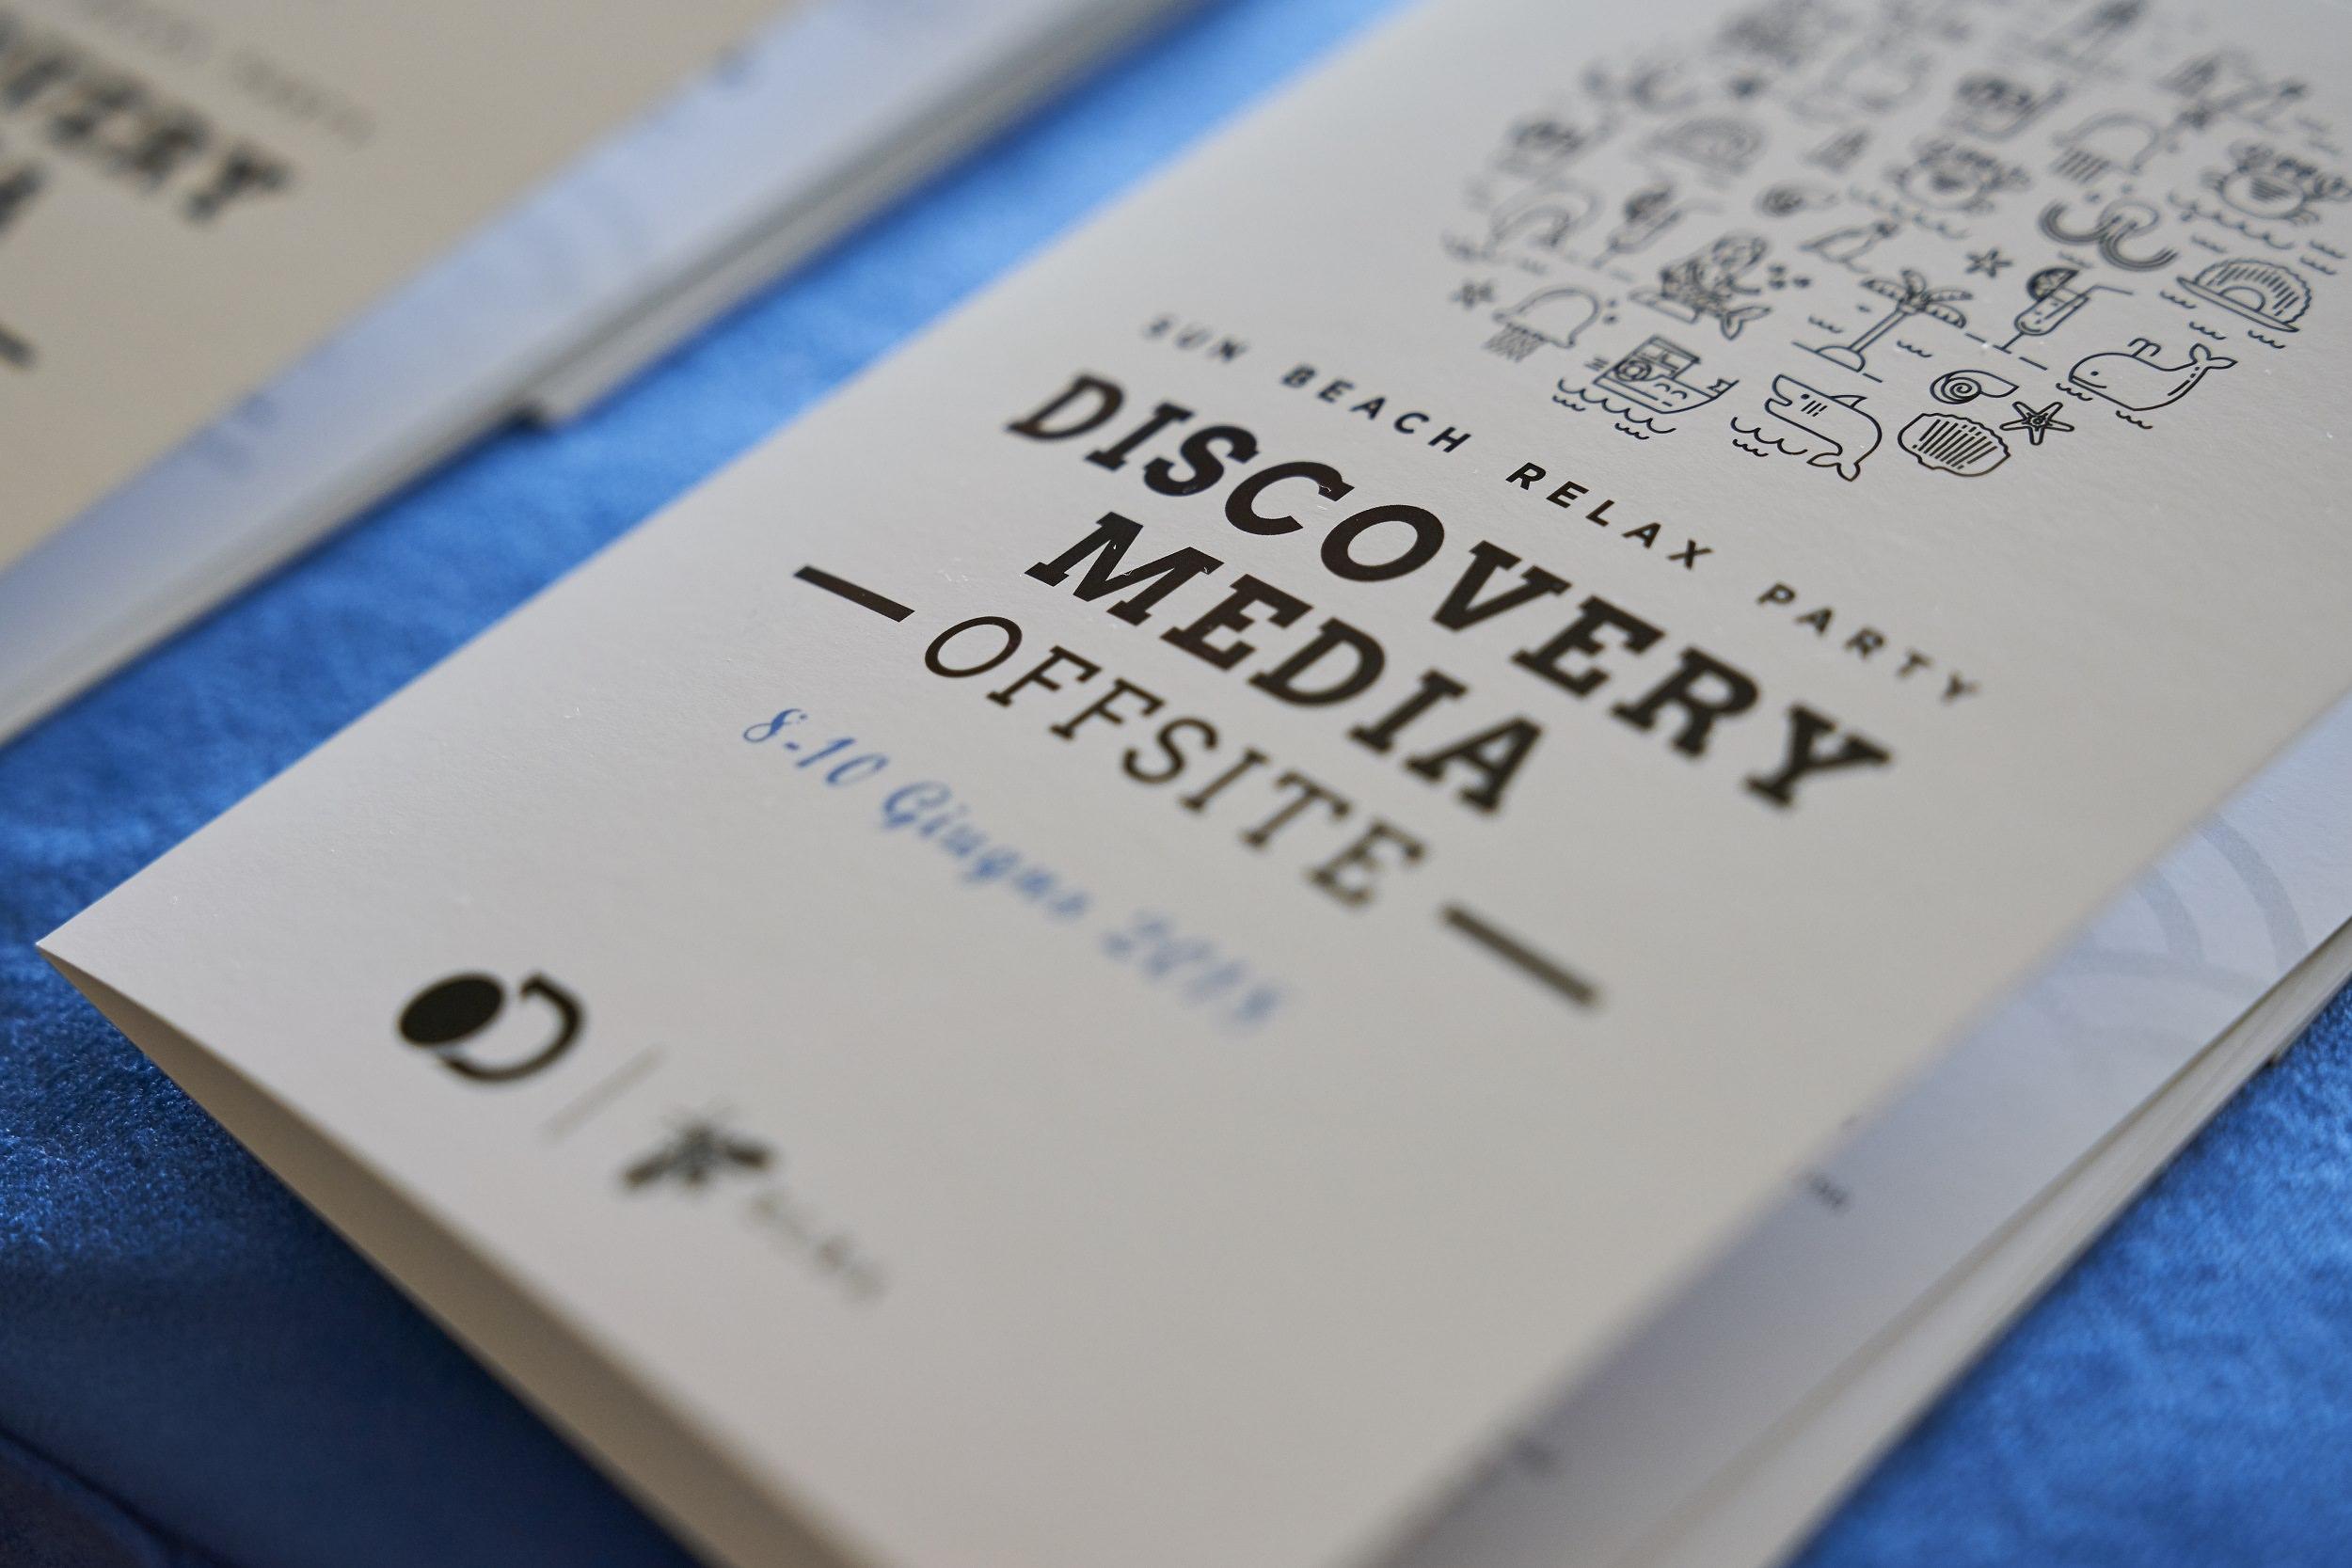 discovery-media-off-site-gruppo-peroni-eventi-03